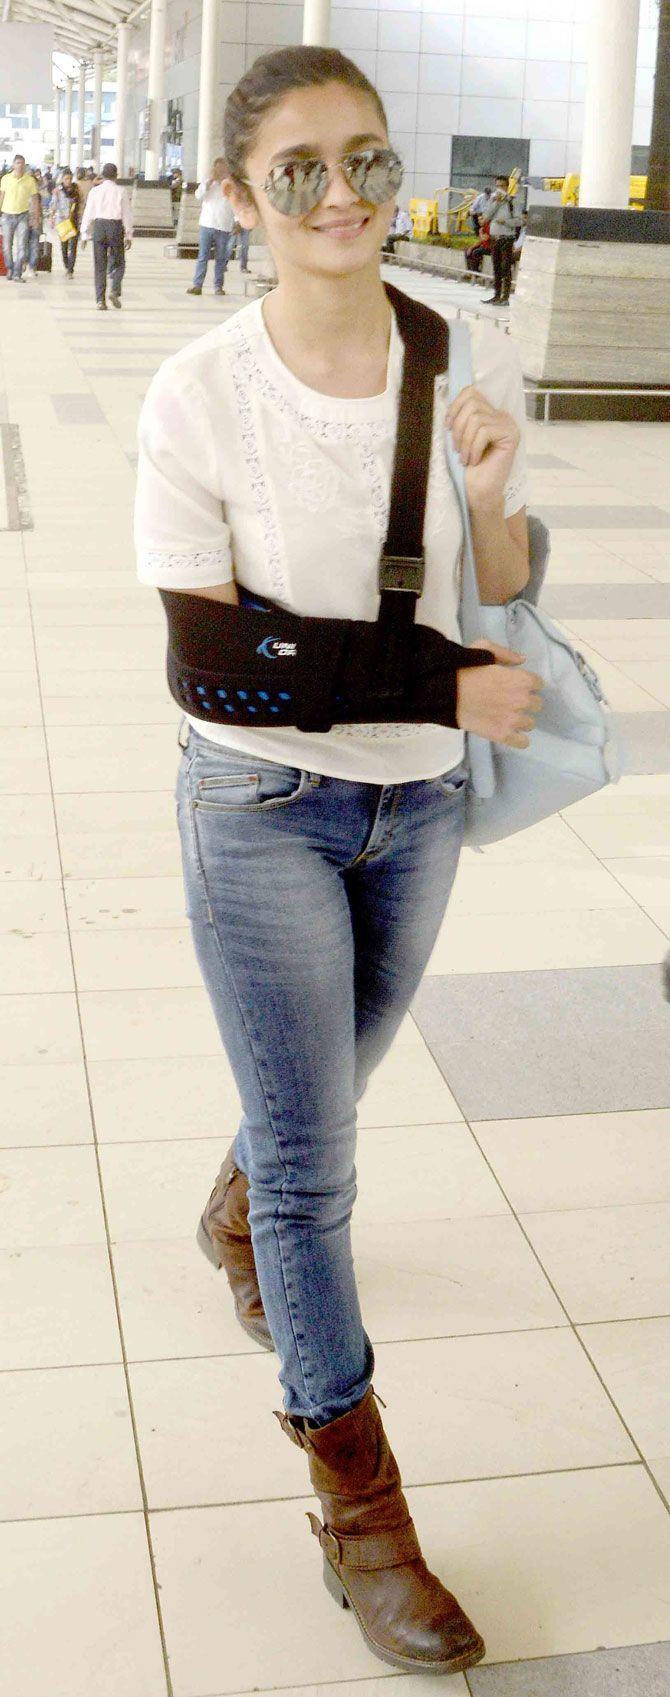 Alia Bhatt at Mumbai airport. #Bollywood #Fashion #Style #Beauty